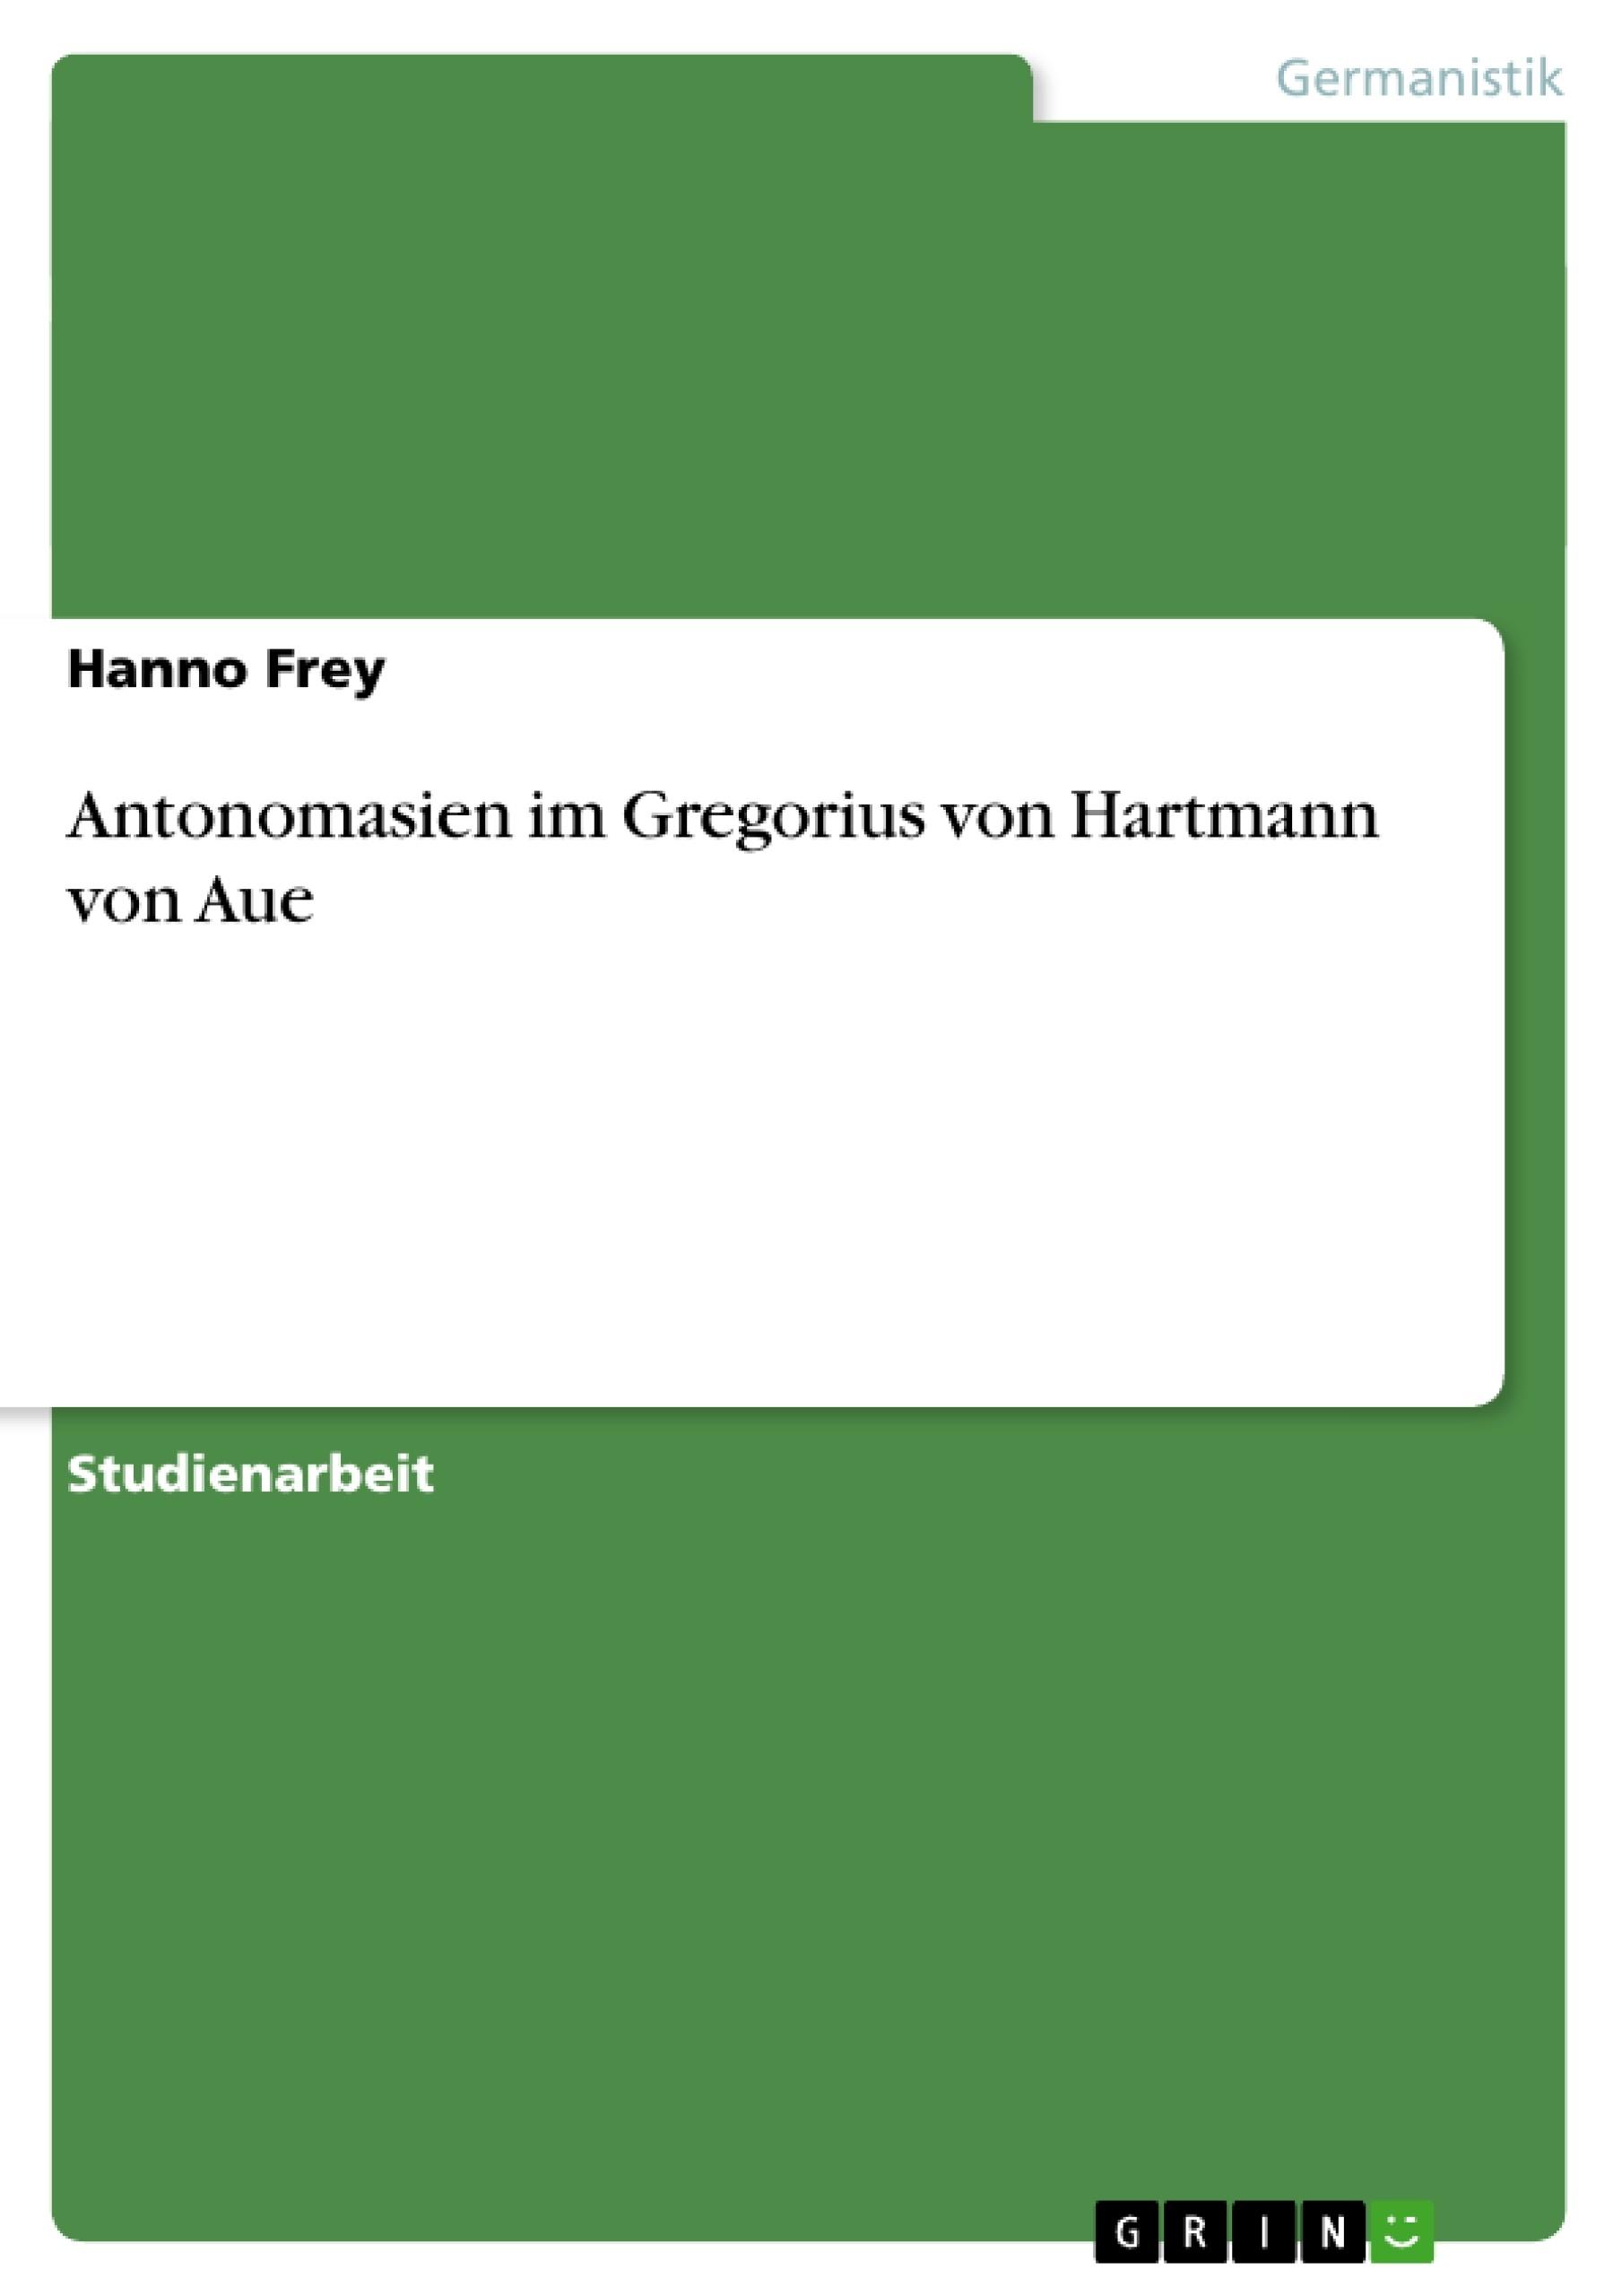 Titel: Antonomasien im Gregorius von Hartmann von Aue